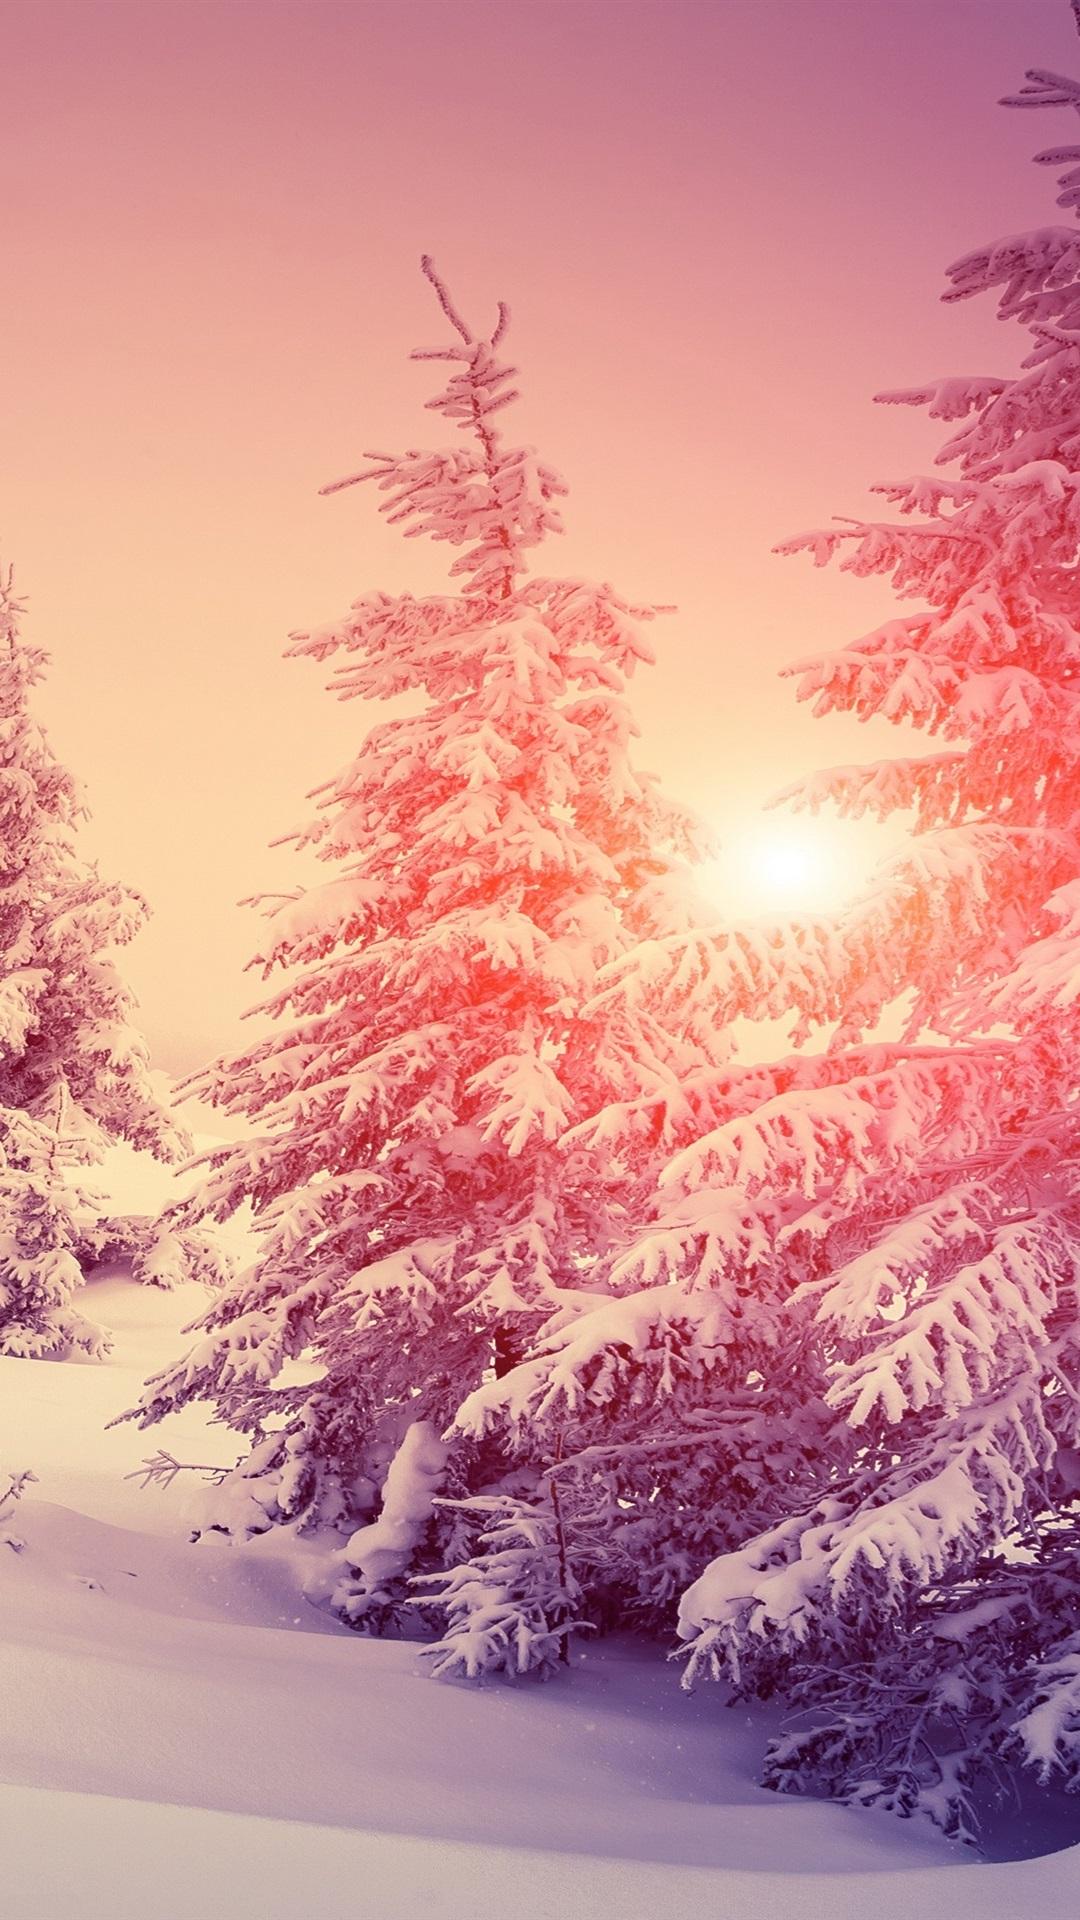 厚い雪 冬 森 木 暖かい太陽 1080x1920 Iphone 8 7 6 6s Plus 壁紙